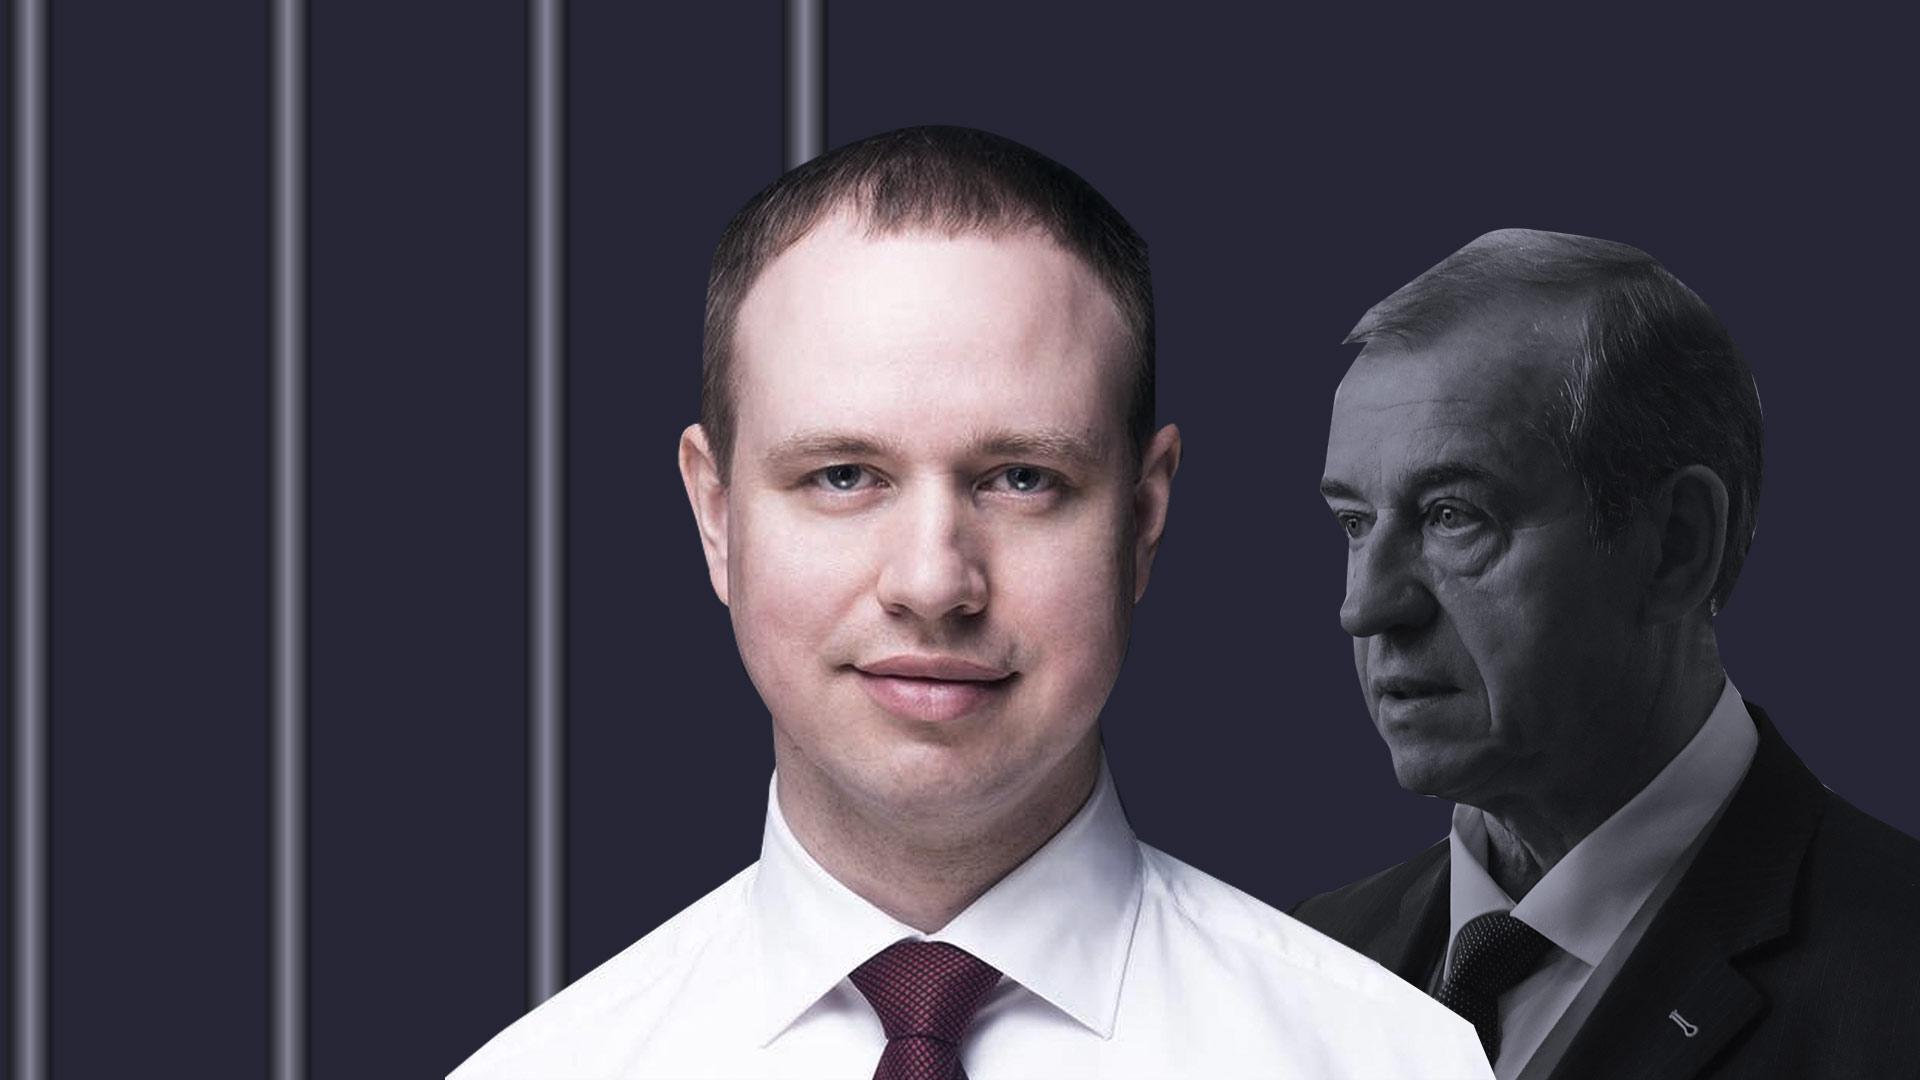 Семейный подряд. Сын бывшего губернатора Иркутской области Левченко уже под следствием, а отец следующий?